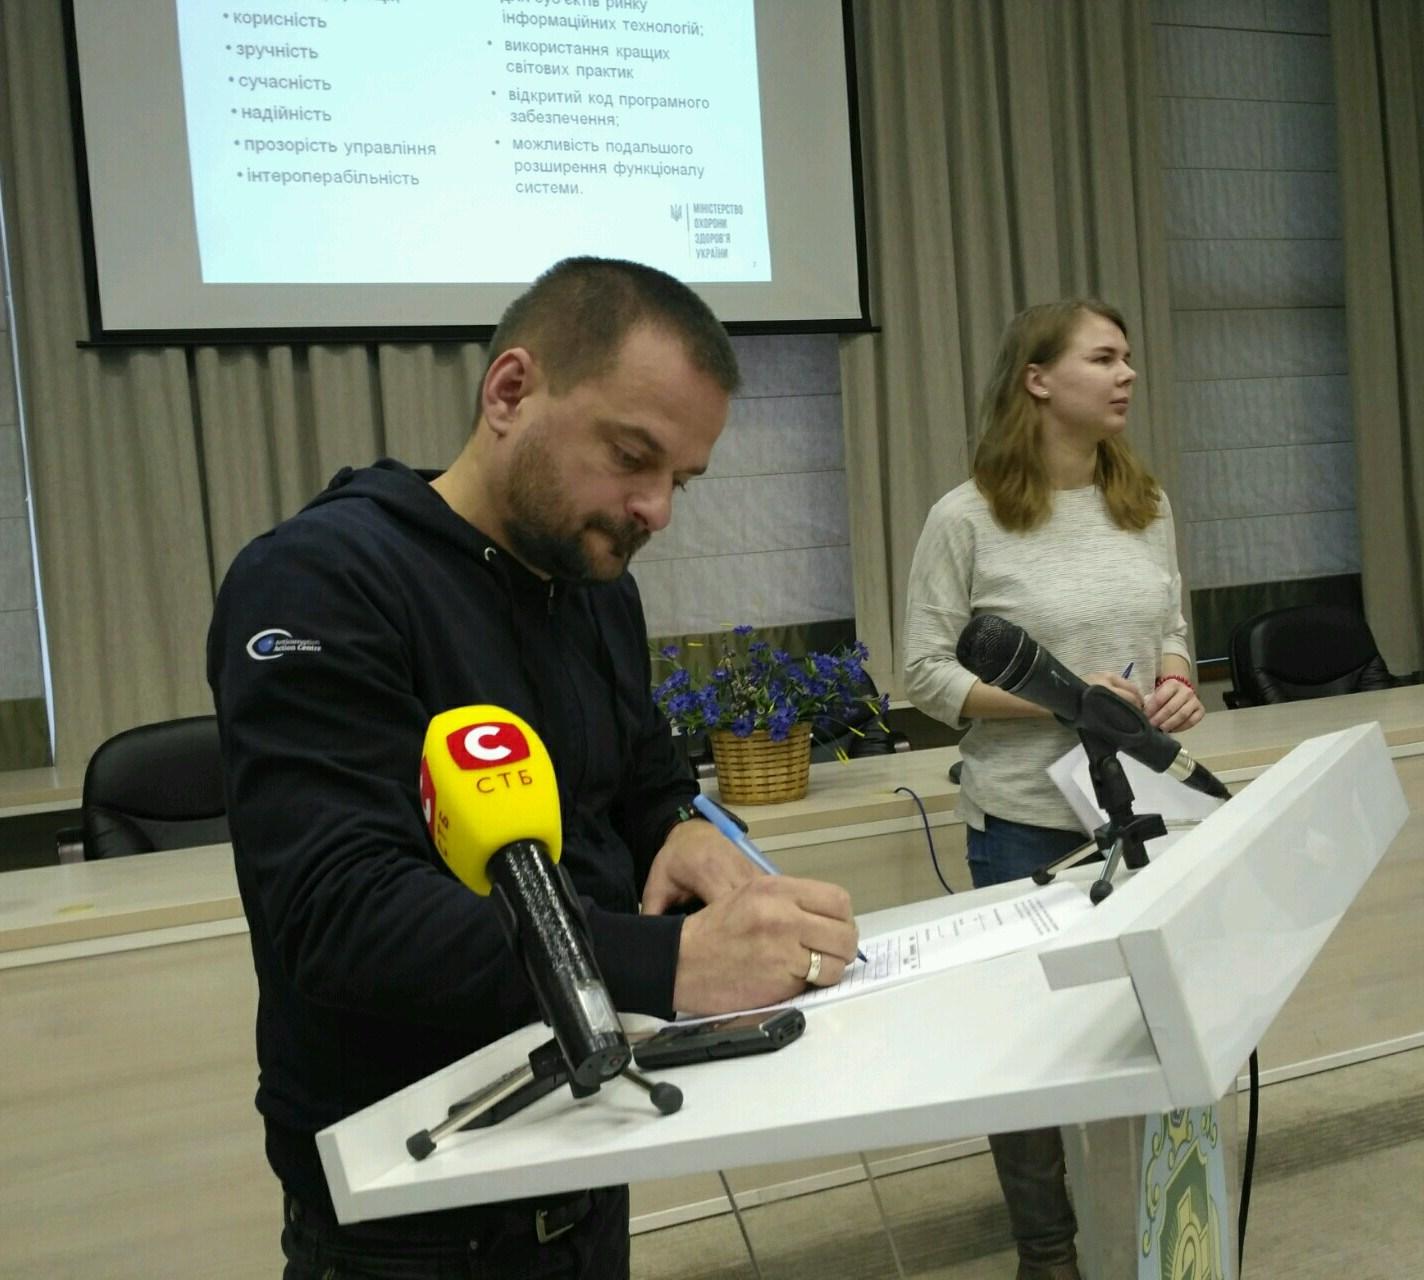 МЗ, Сеть и Transparency International Ukraine подписали меморандум о разработке электронного здравоохранения Украины